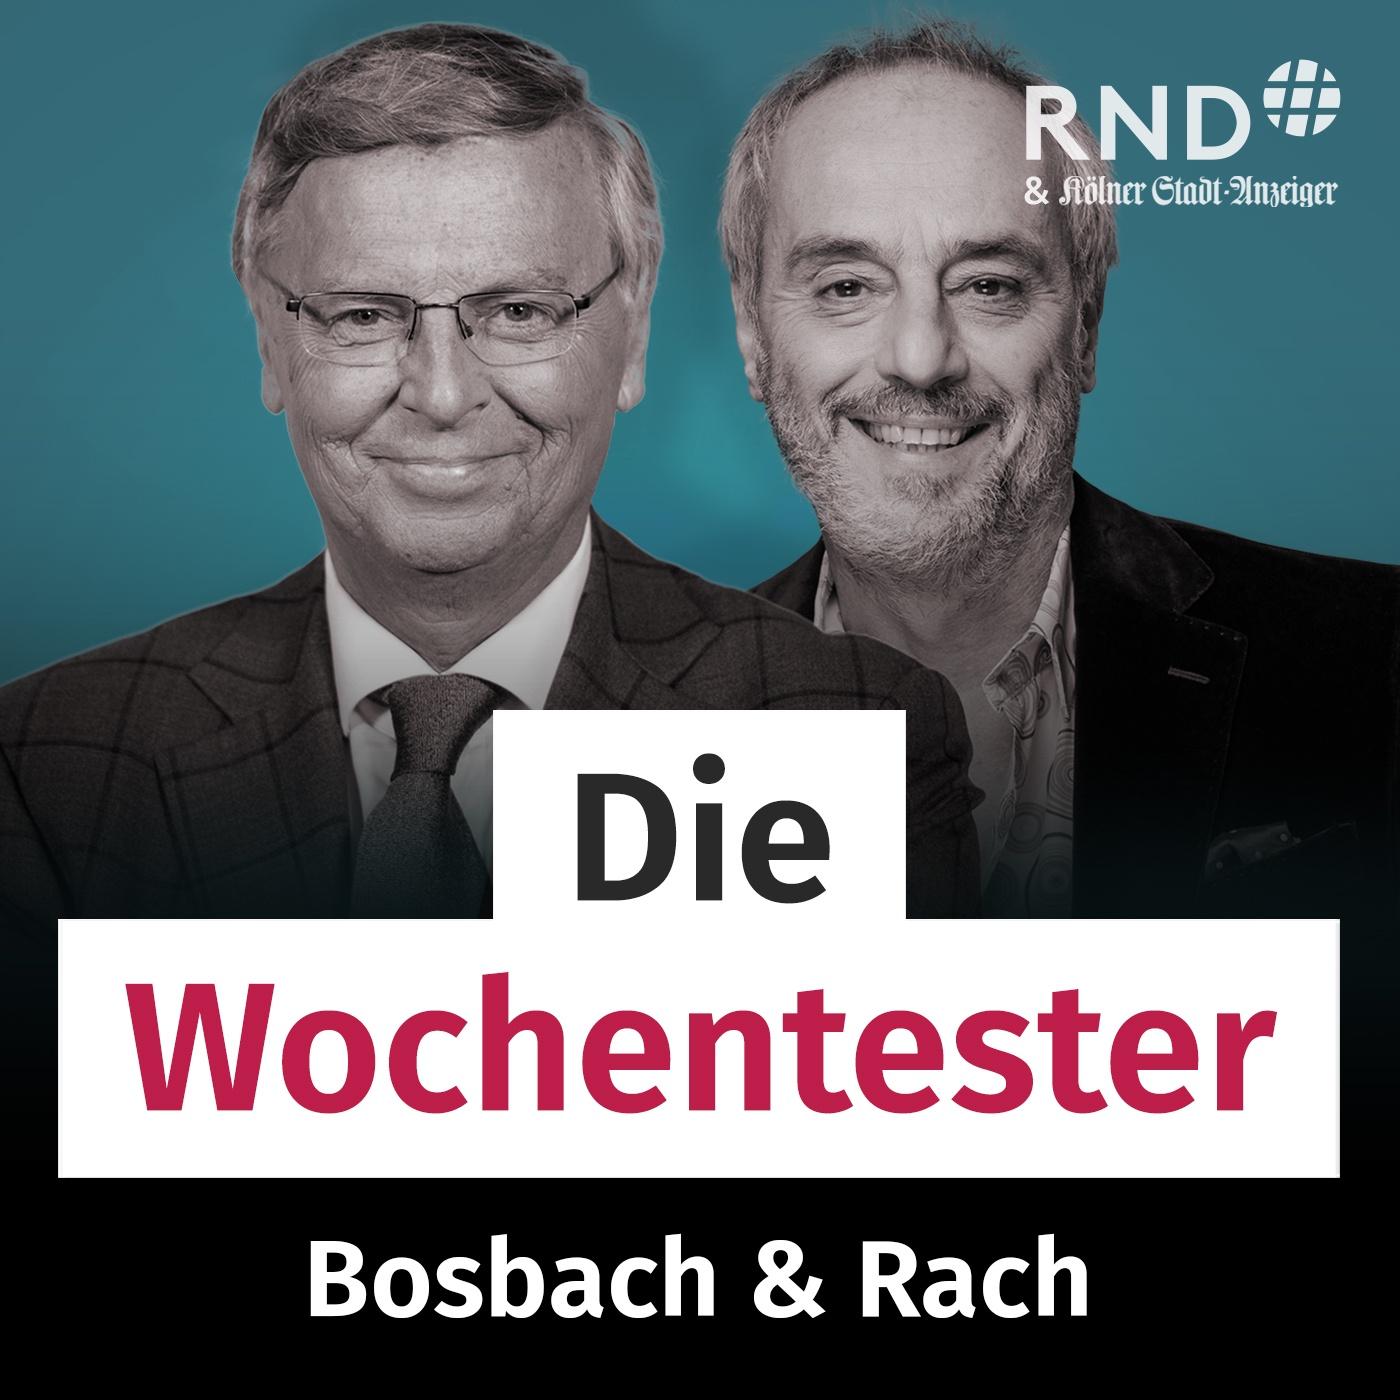 Bosbach & Rach - mit Sven Plöger und Jonas Schmidt-Chanasit